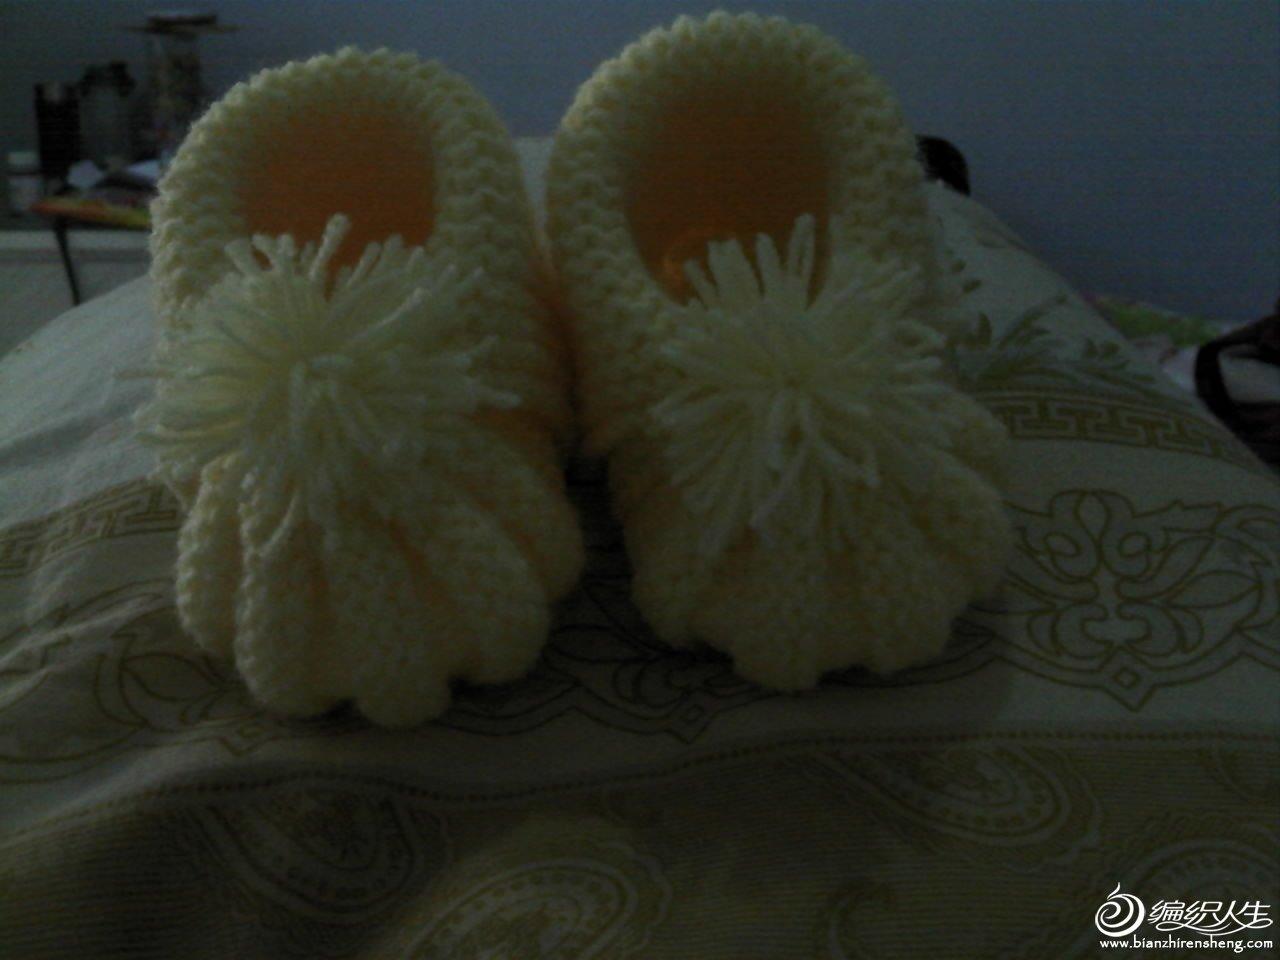 2012-03-12_14-02-32_554.jpg